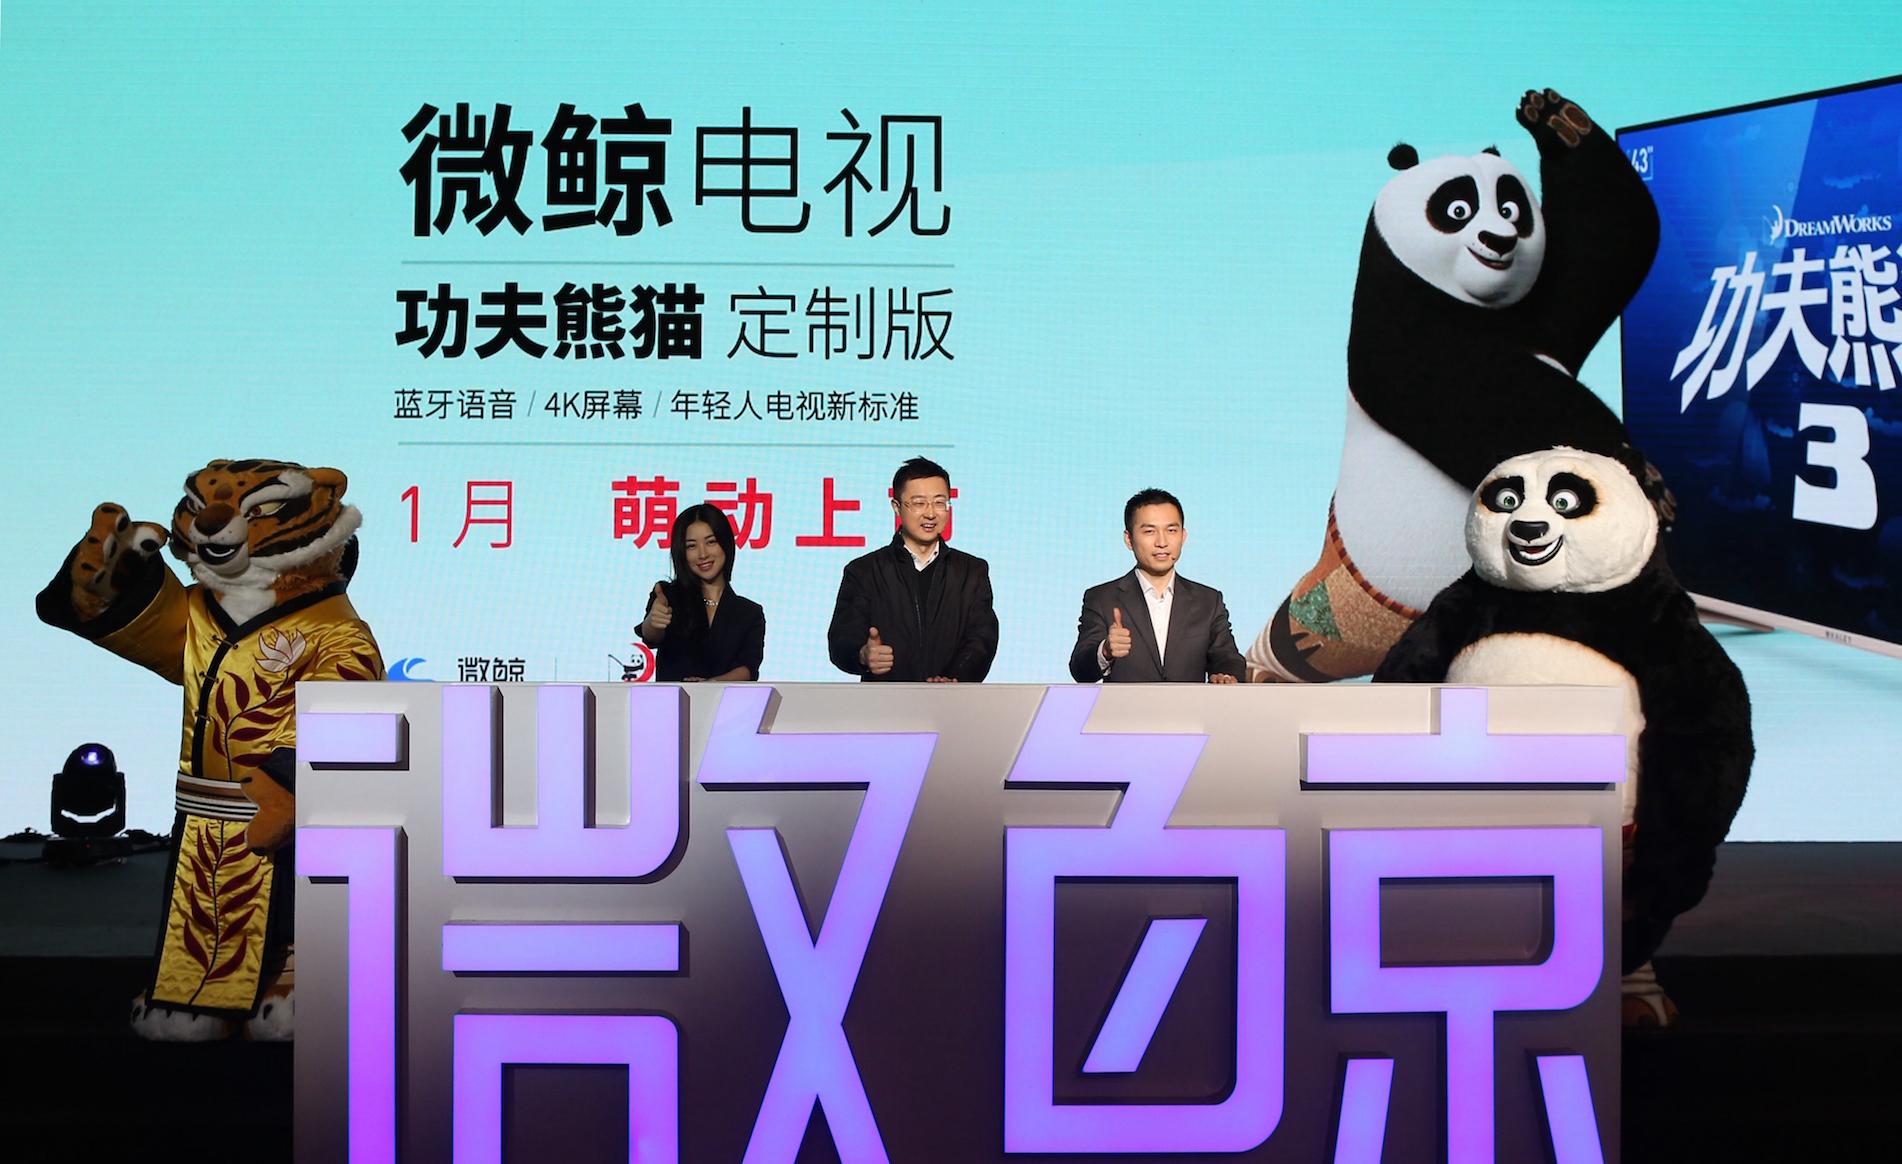 微鲸电视推出功夫熊猫定制版,IP+硬件的新尝试